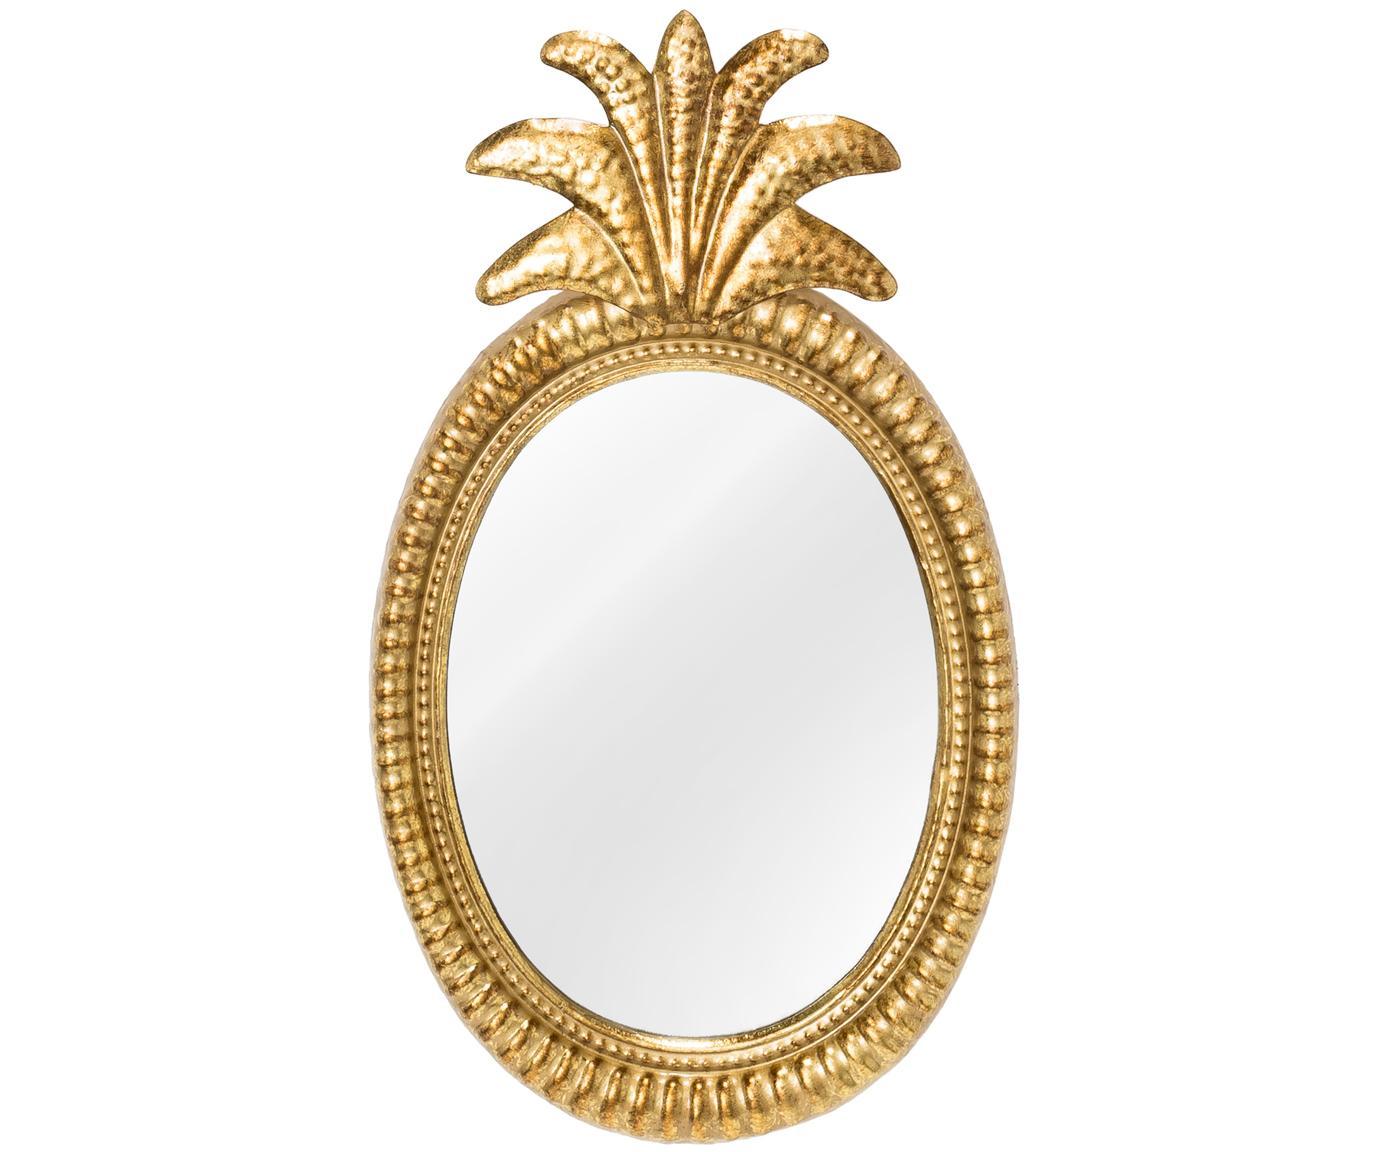 Specchio da parete con cornice in ottone Ana, Cornice: metallo, rivestito, Superficie dello specchio: lastra di vetro, Dorato, Larg. 27 x Alt. 49 cm